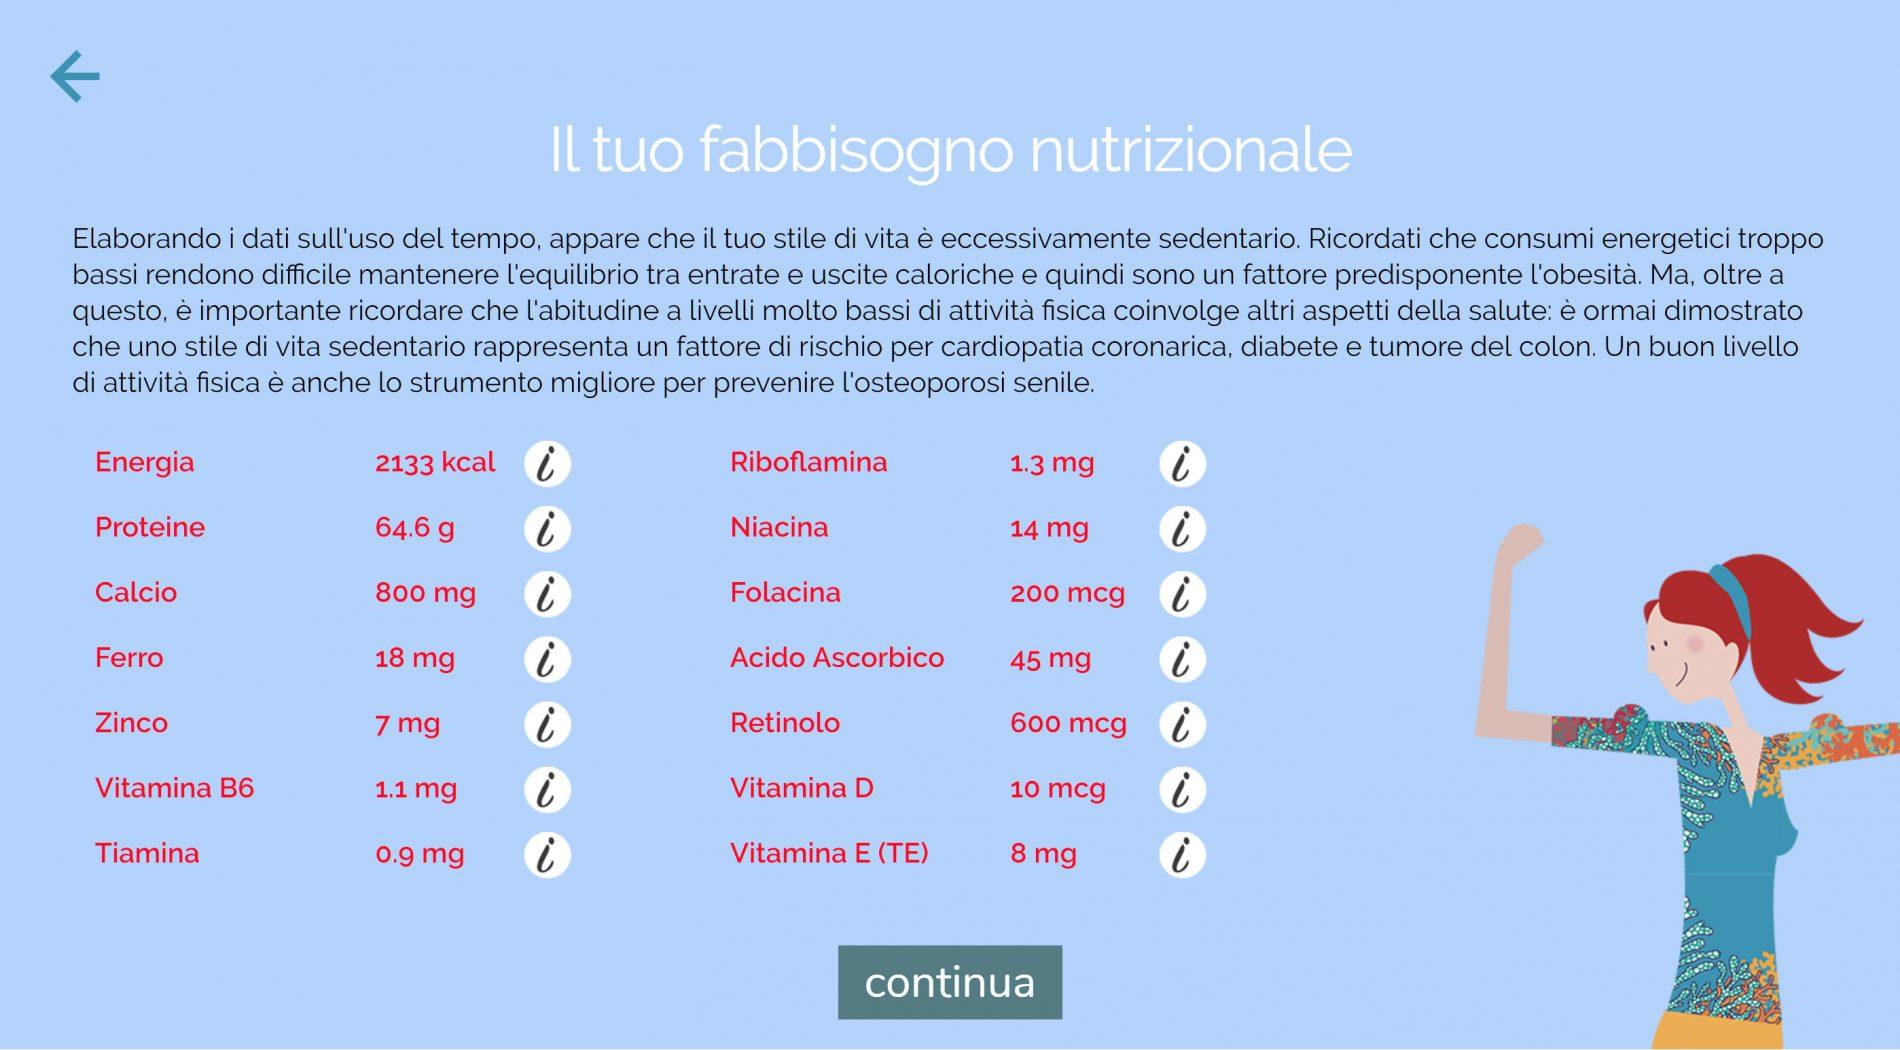 dieta melarossa iscrizione: fabbisogno nutrizionale